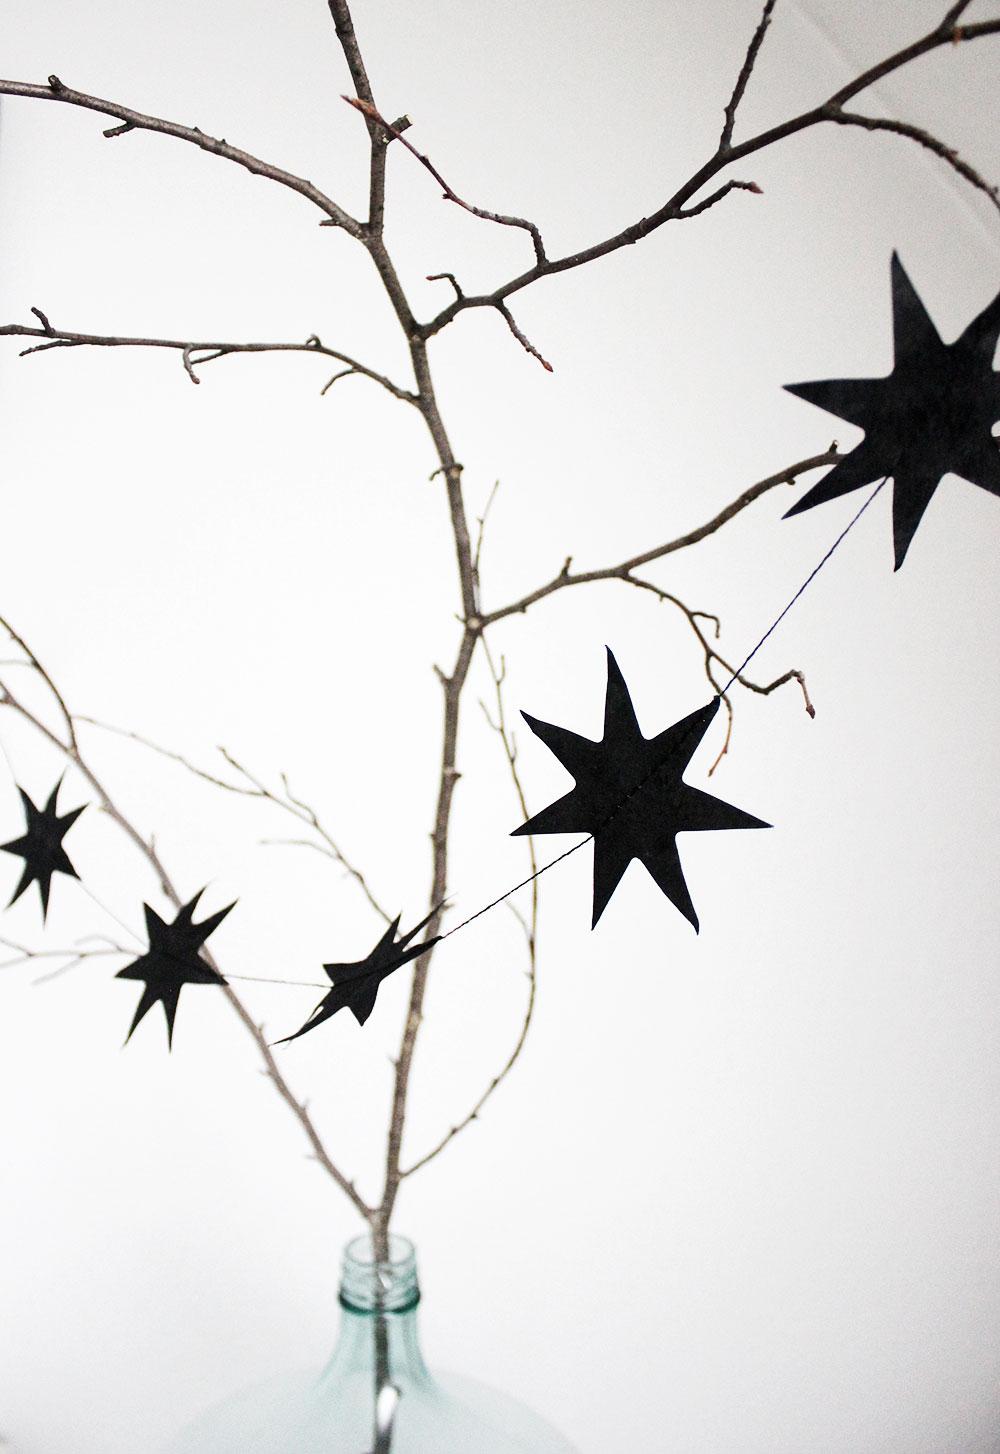 Weihnachtsddeko mit schwarzer Sternengirlande